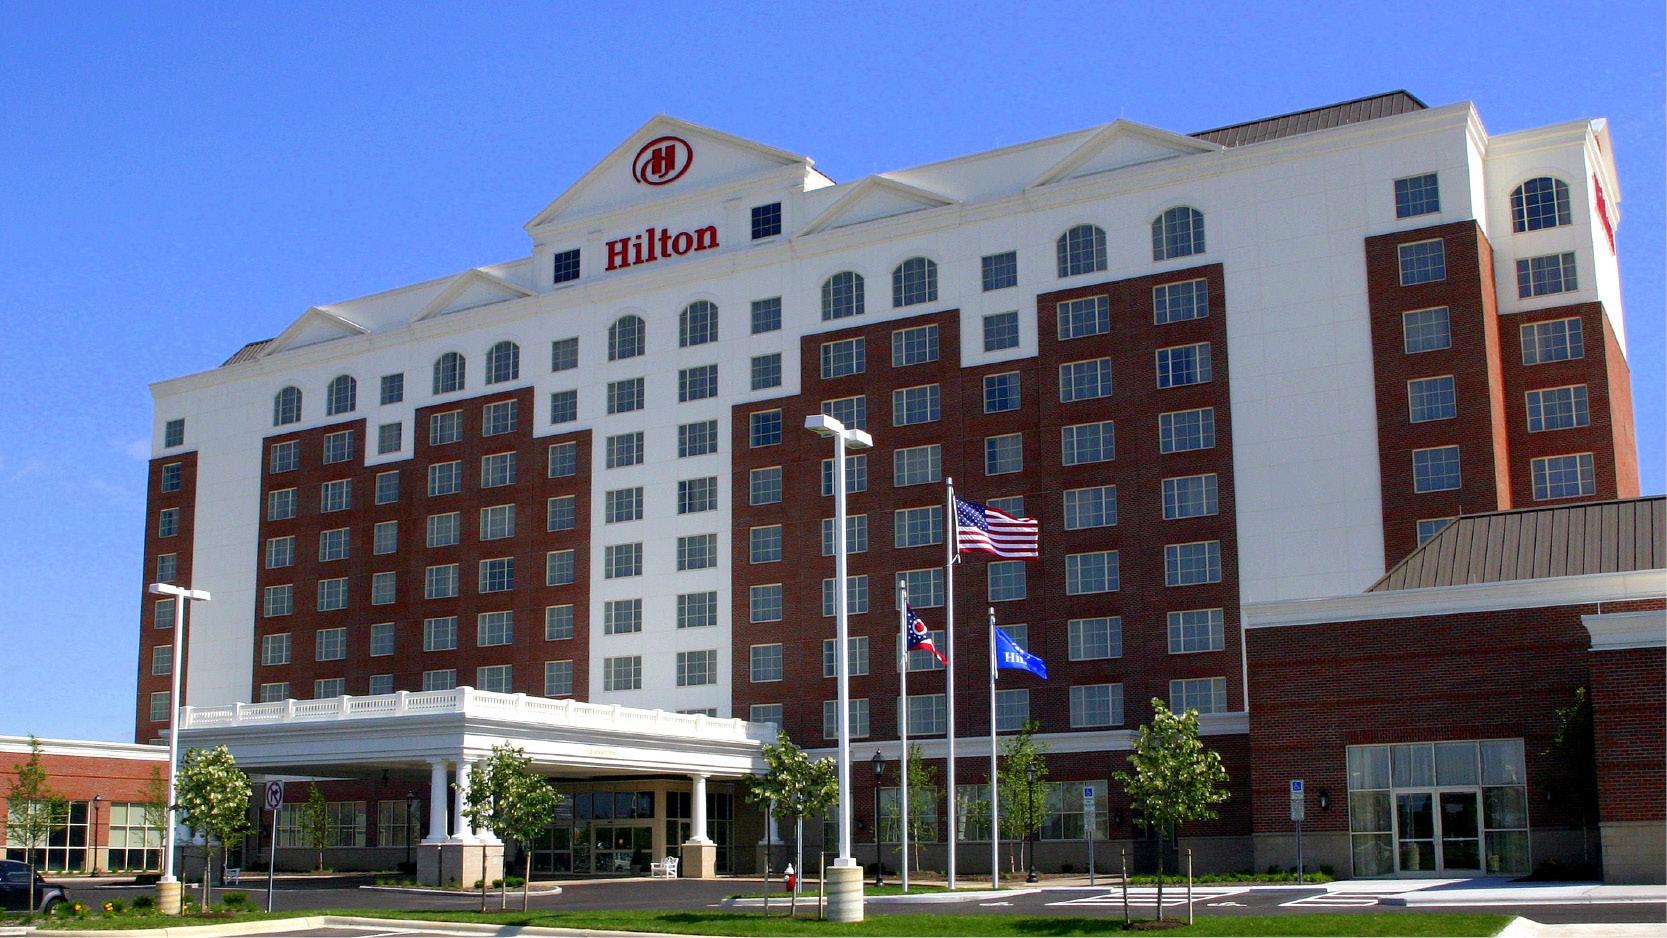 Hilton - Polaris |  Columbus, OH